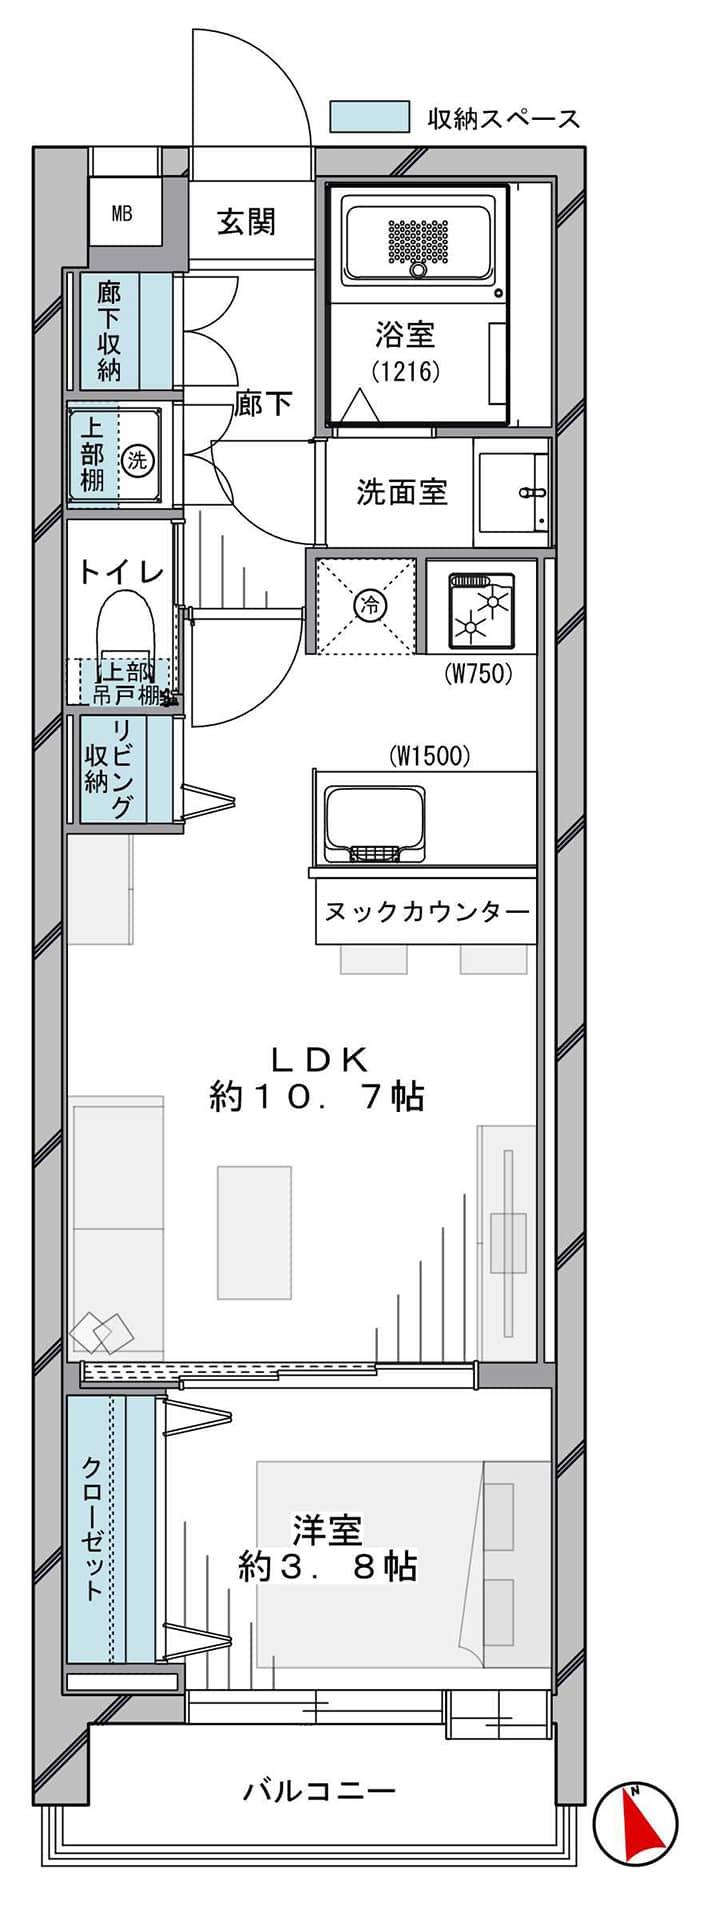 渋谷/代官山 洗練された街並みで、多彩な利便性を自在に享受 間取り図